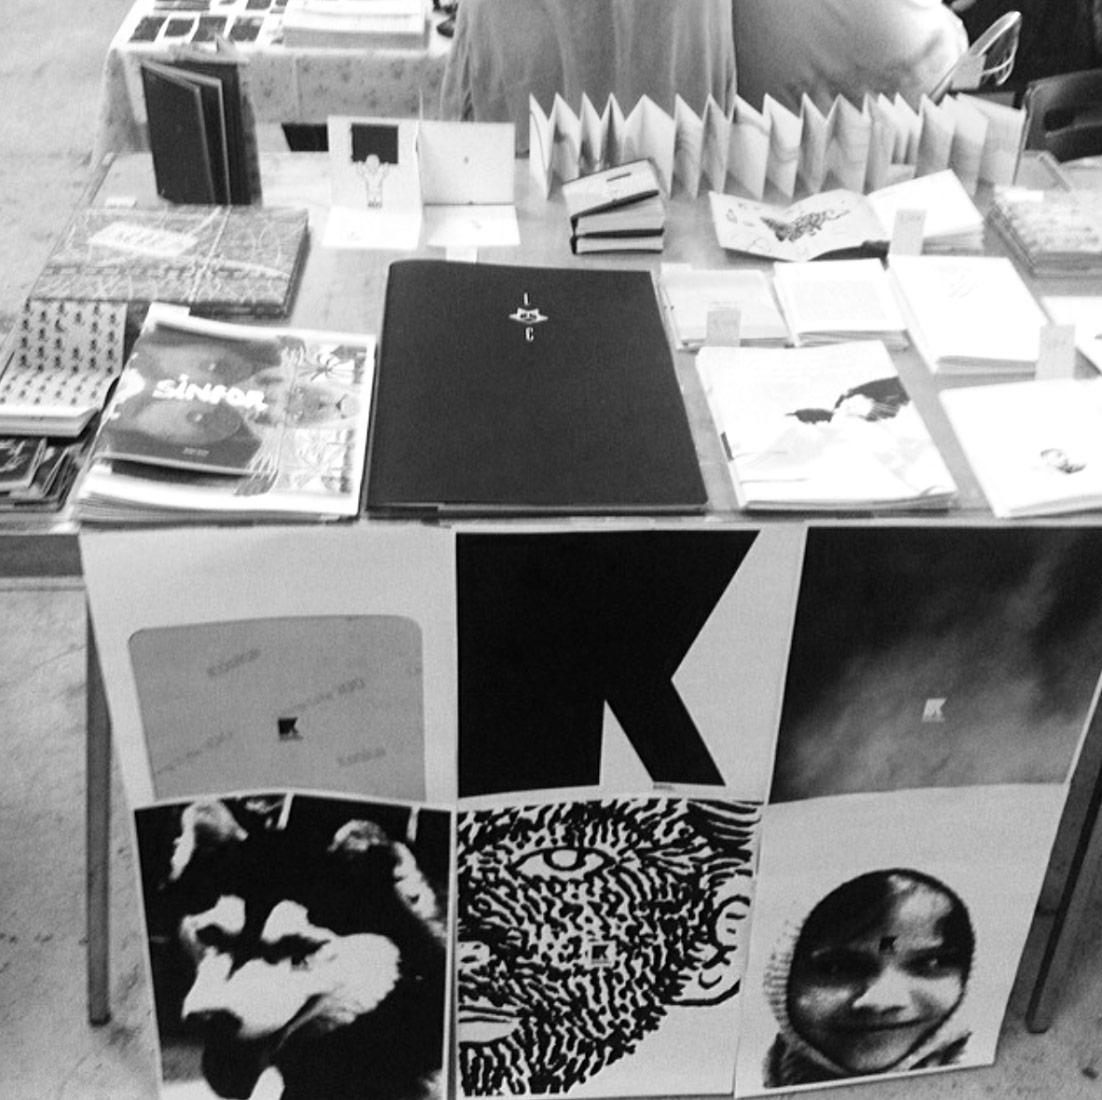 kitschic-donde-11